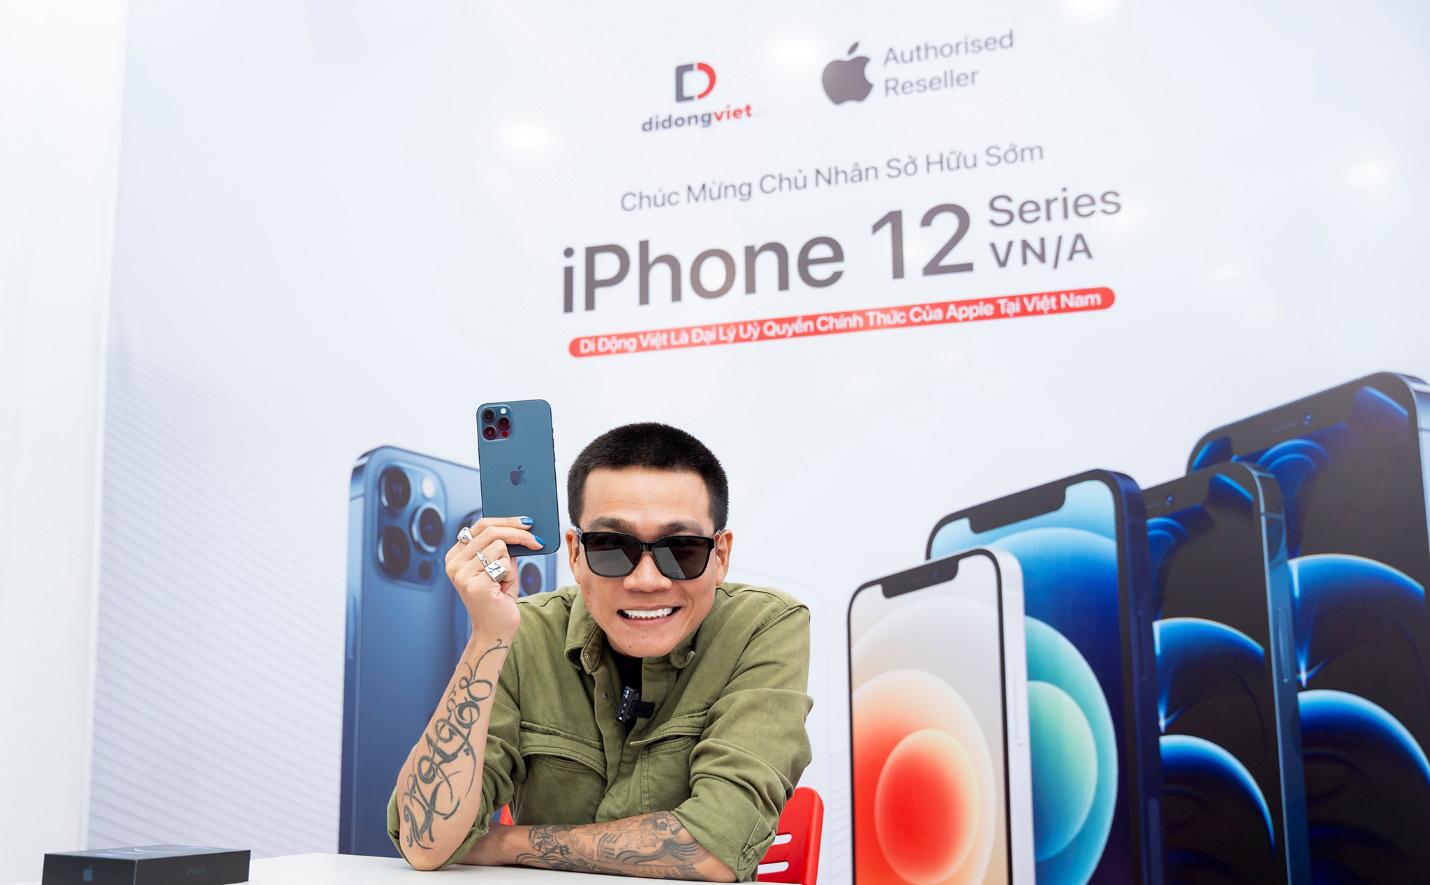 Wowy sở hữu iPhone 12 Pro Max VN/A ngay trong ngày mở bán đầu tiên tại Việt Nam - Ảnh 1.